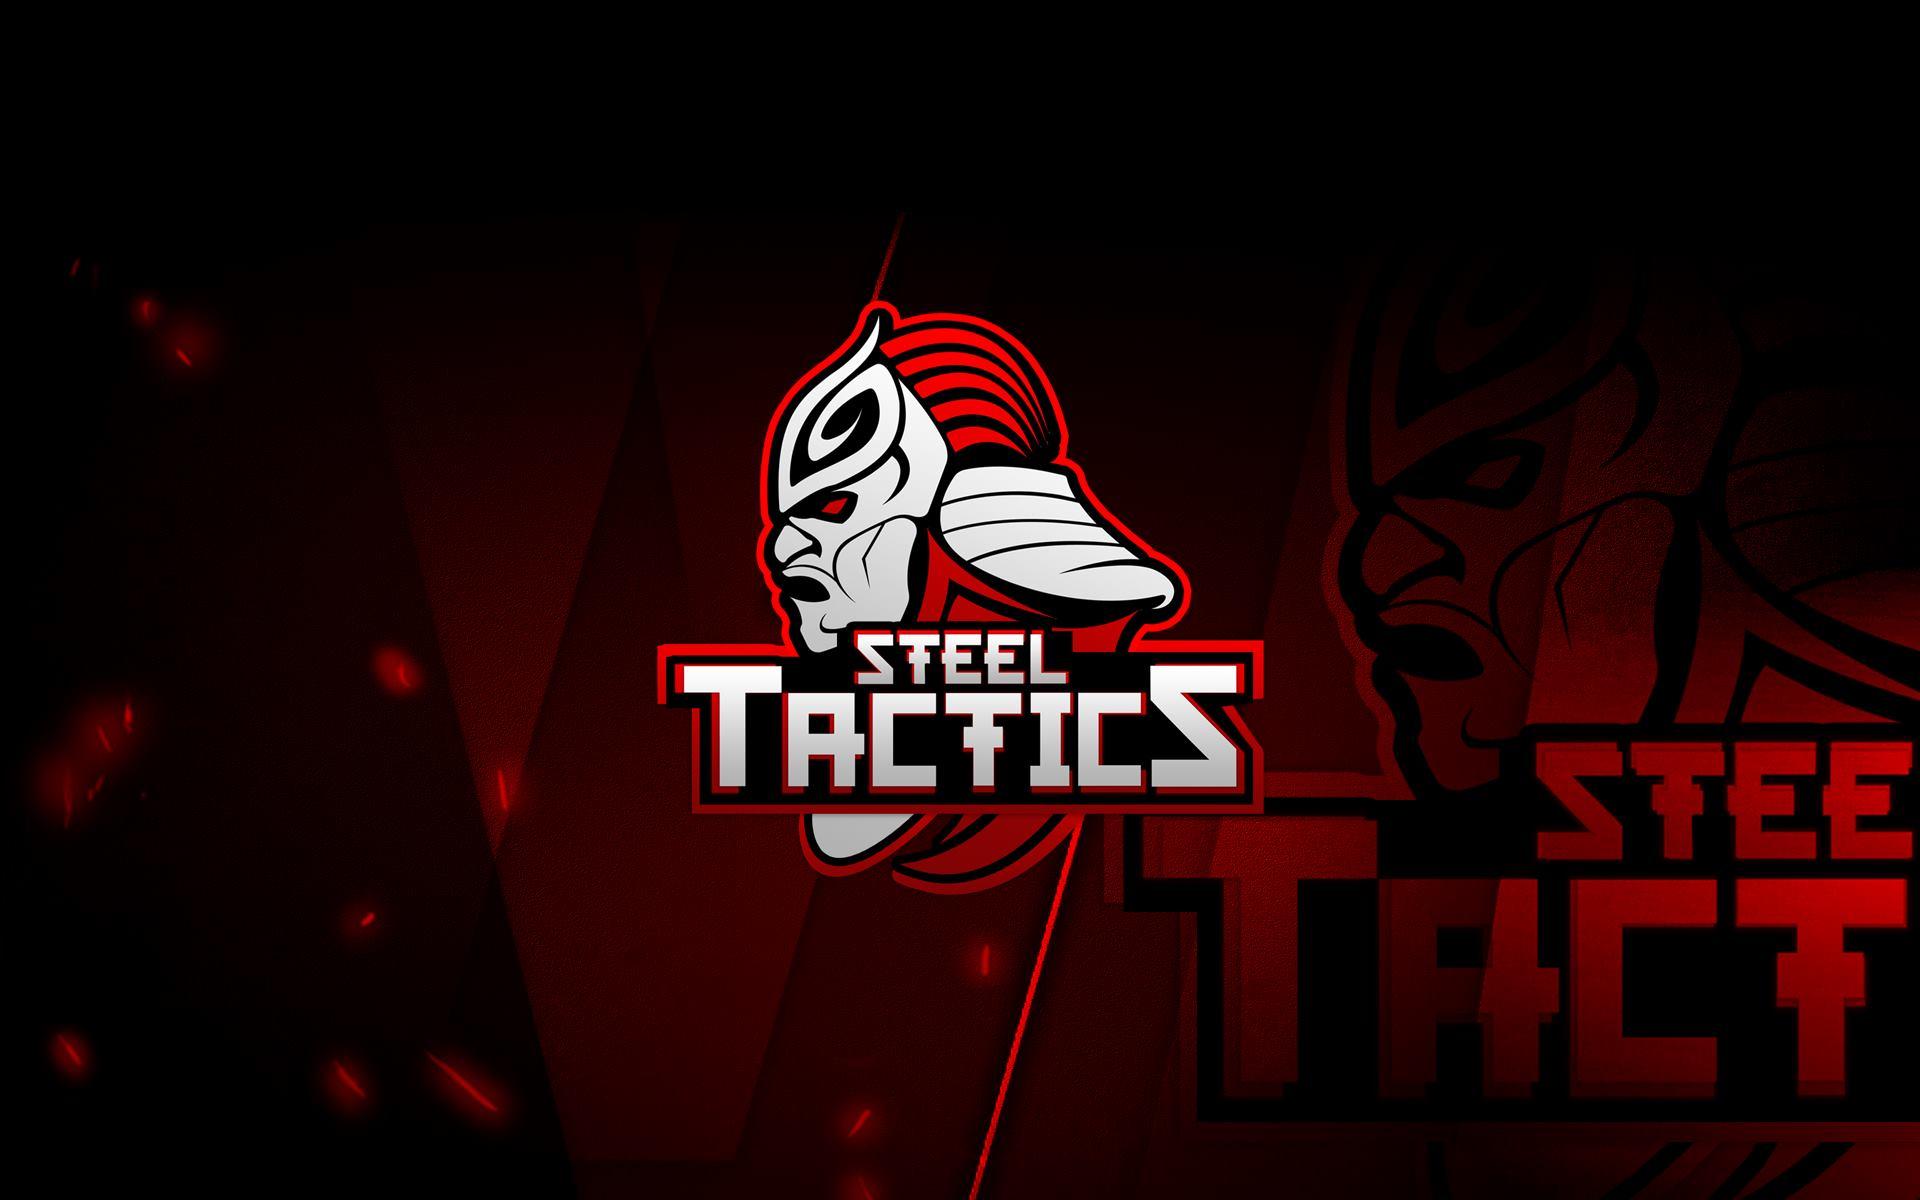 steel tactics esports